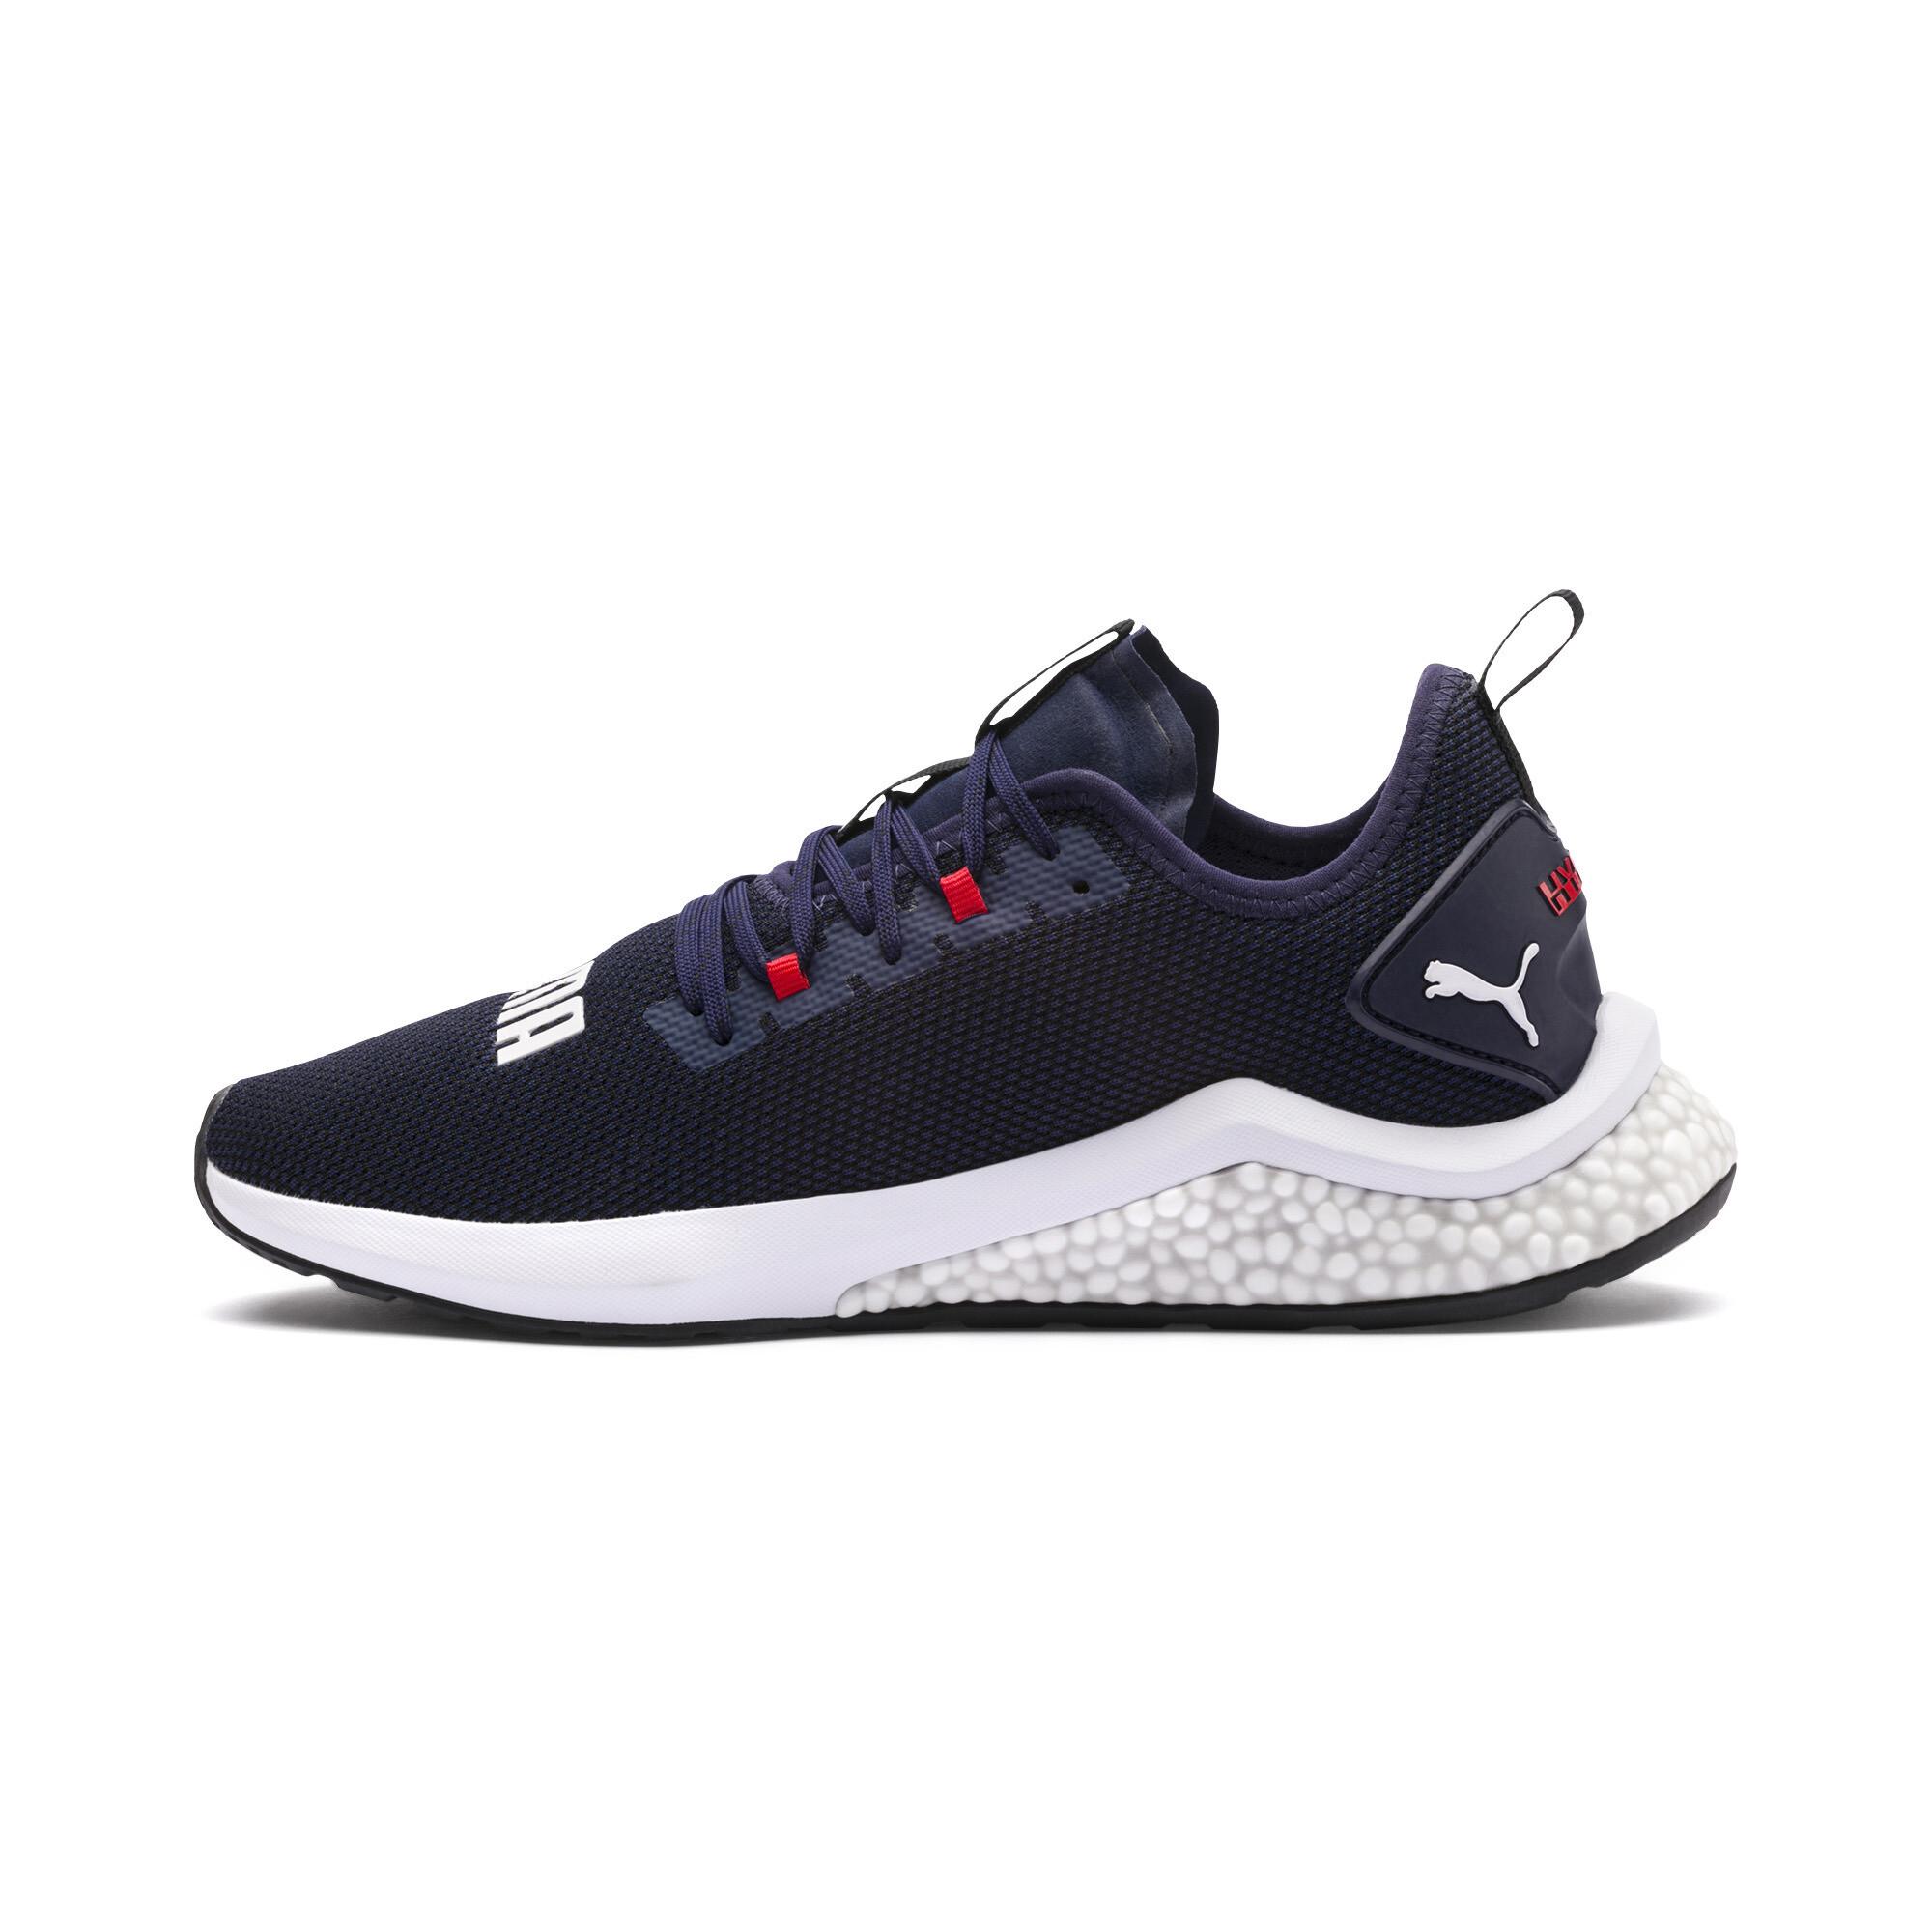 c66939472 Zapatillas de running HYBRID NX para hombre